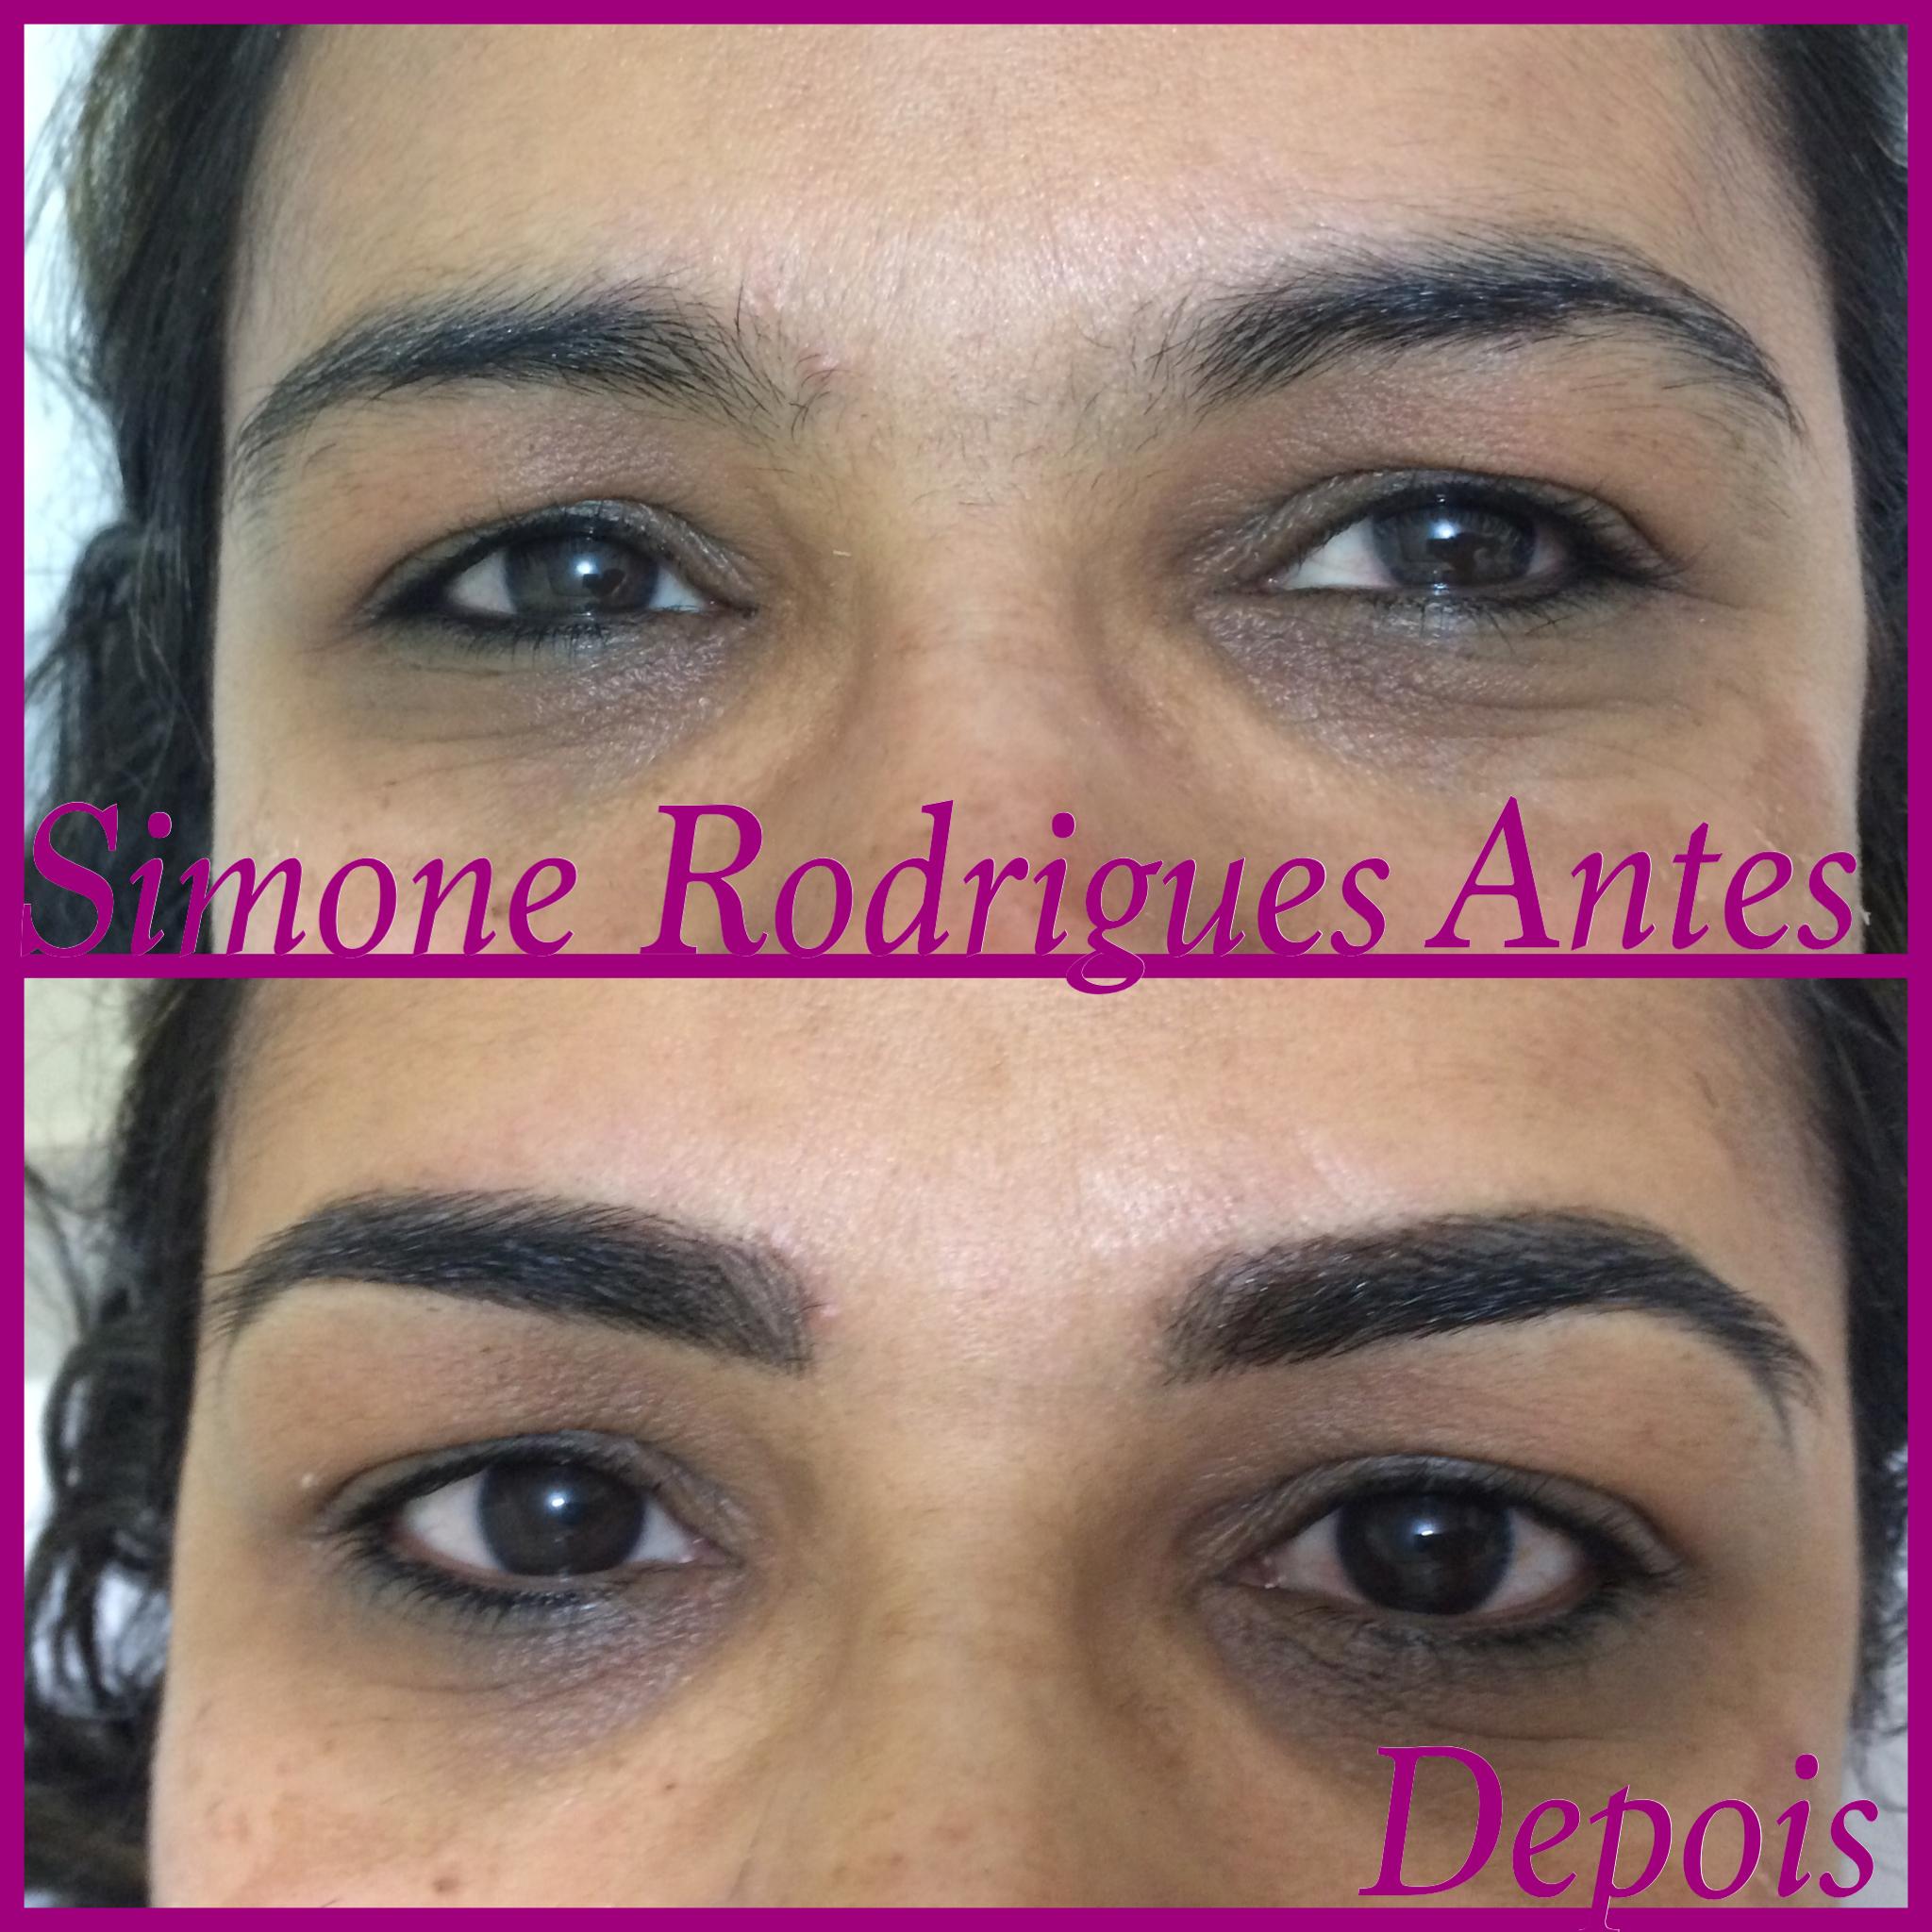 #micropigmentação #microblading #fioafio #pmu #sobrancelhas estética designer de sobrancelhas esteticista depilador(a) micropigmentador(a)